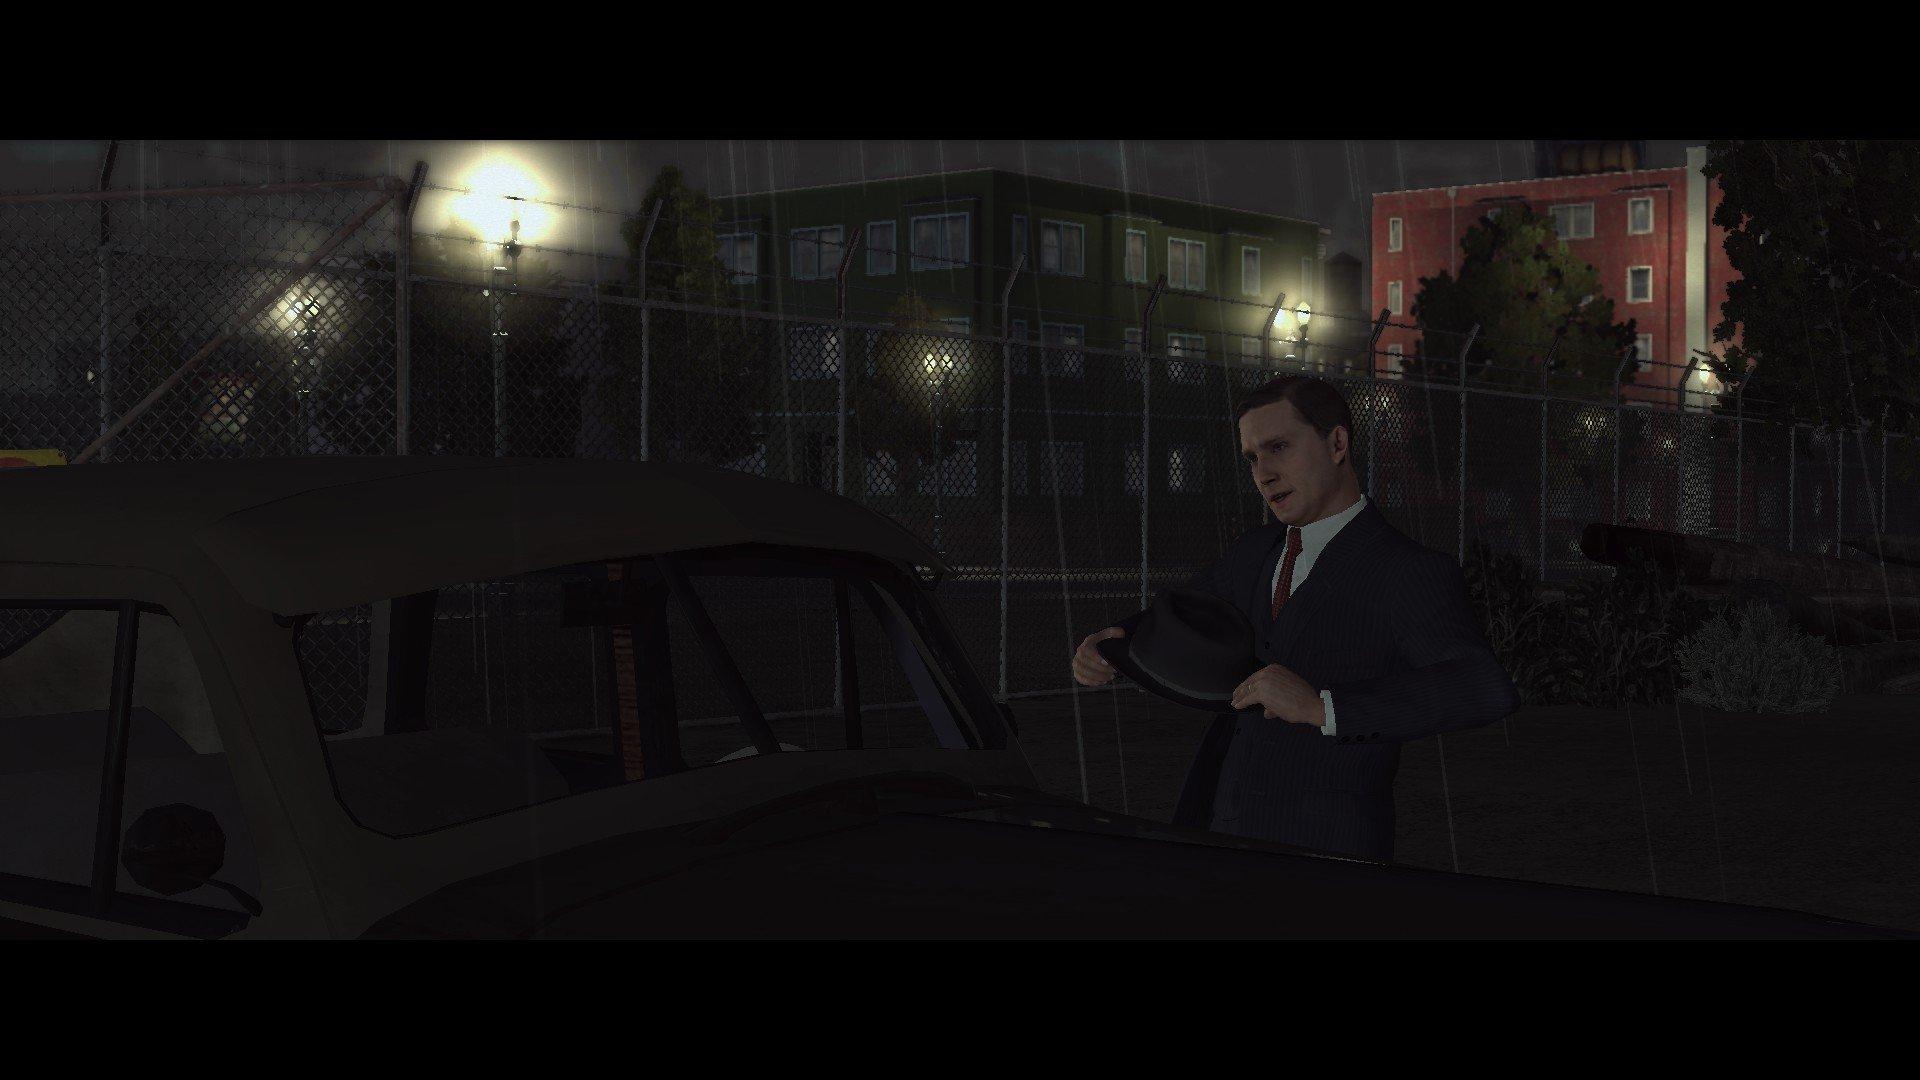 Пост-прохождение L.A. Noire Часть 13 - Изображение 47